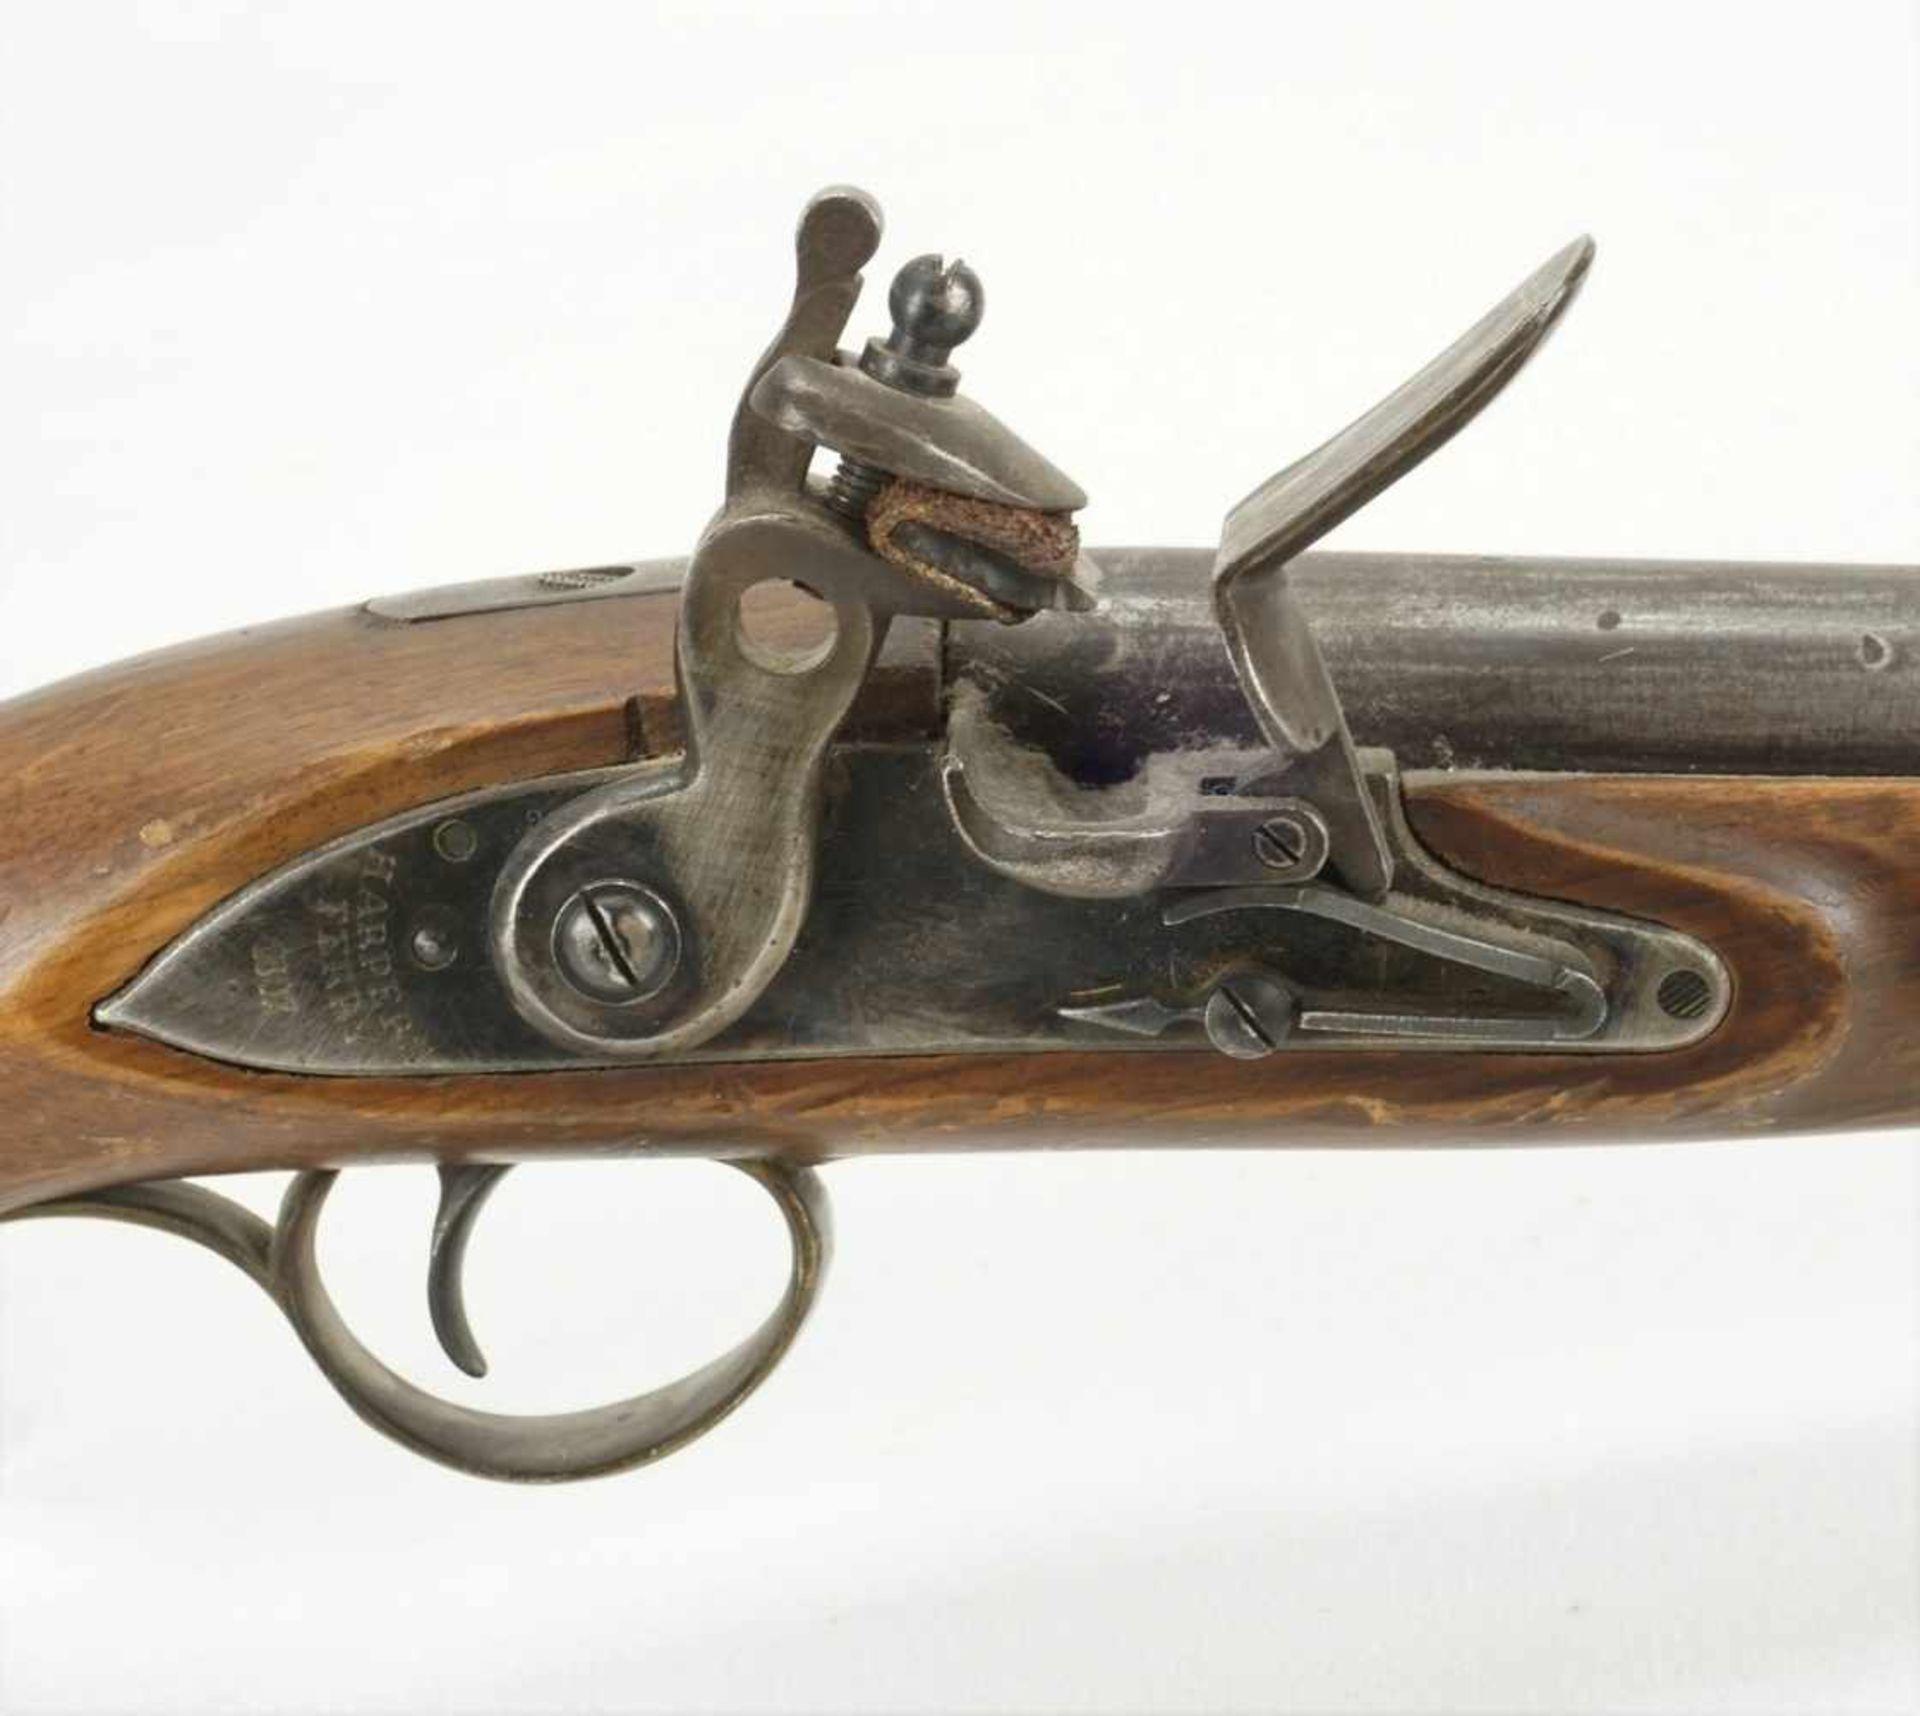 Steinschlosspistole Harpers Ferry M 1807 - Bild 3 aus 5